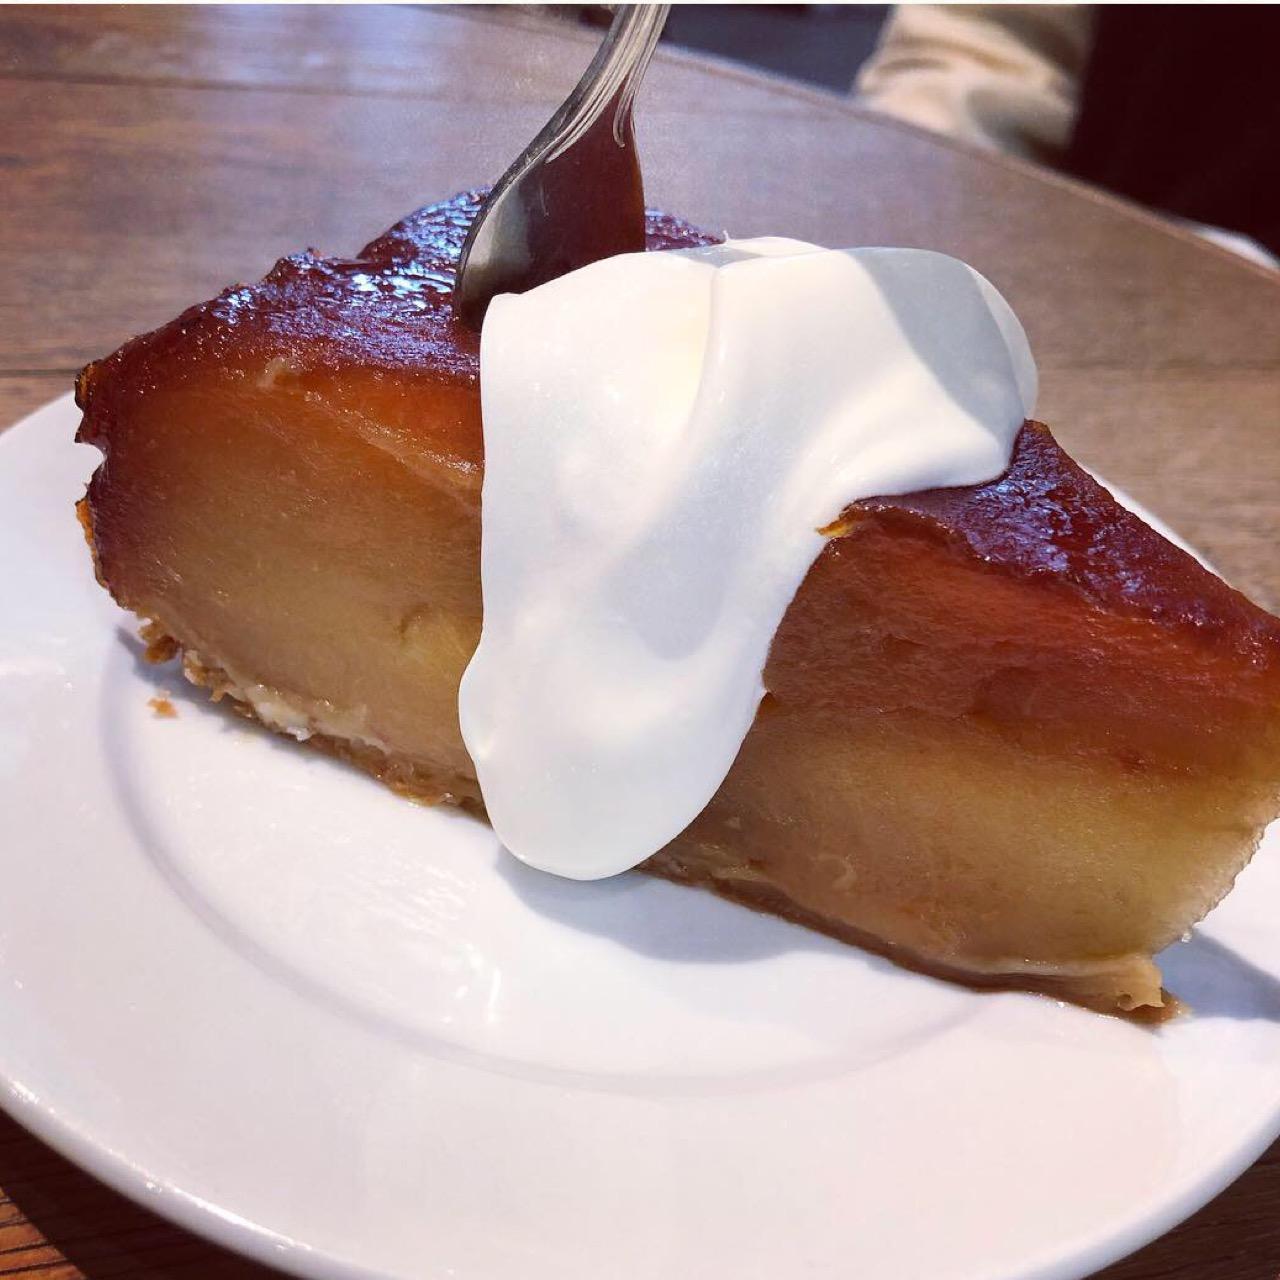 GWに行きたい!♡NY発レストランのフォトジェニックな絶品スイーツが東京ミッドタウン日比谷で食べられる♡_3